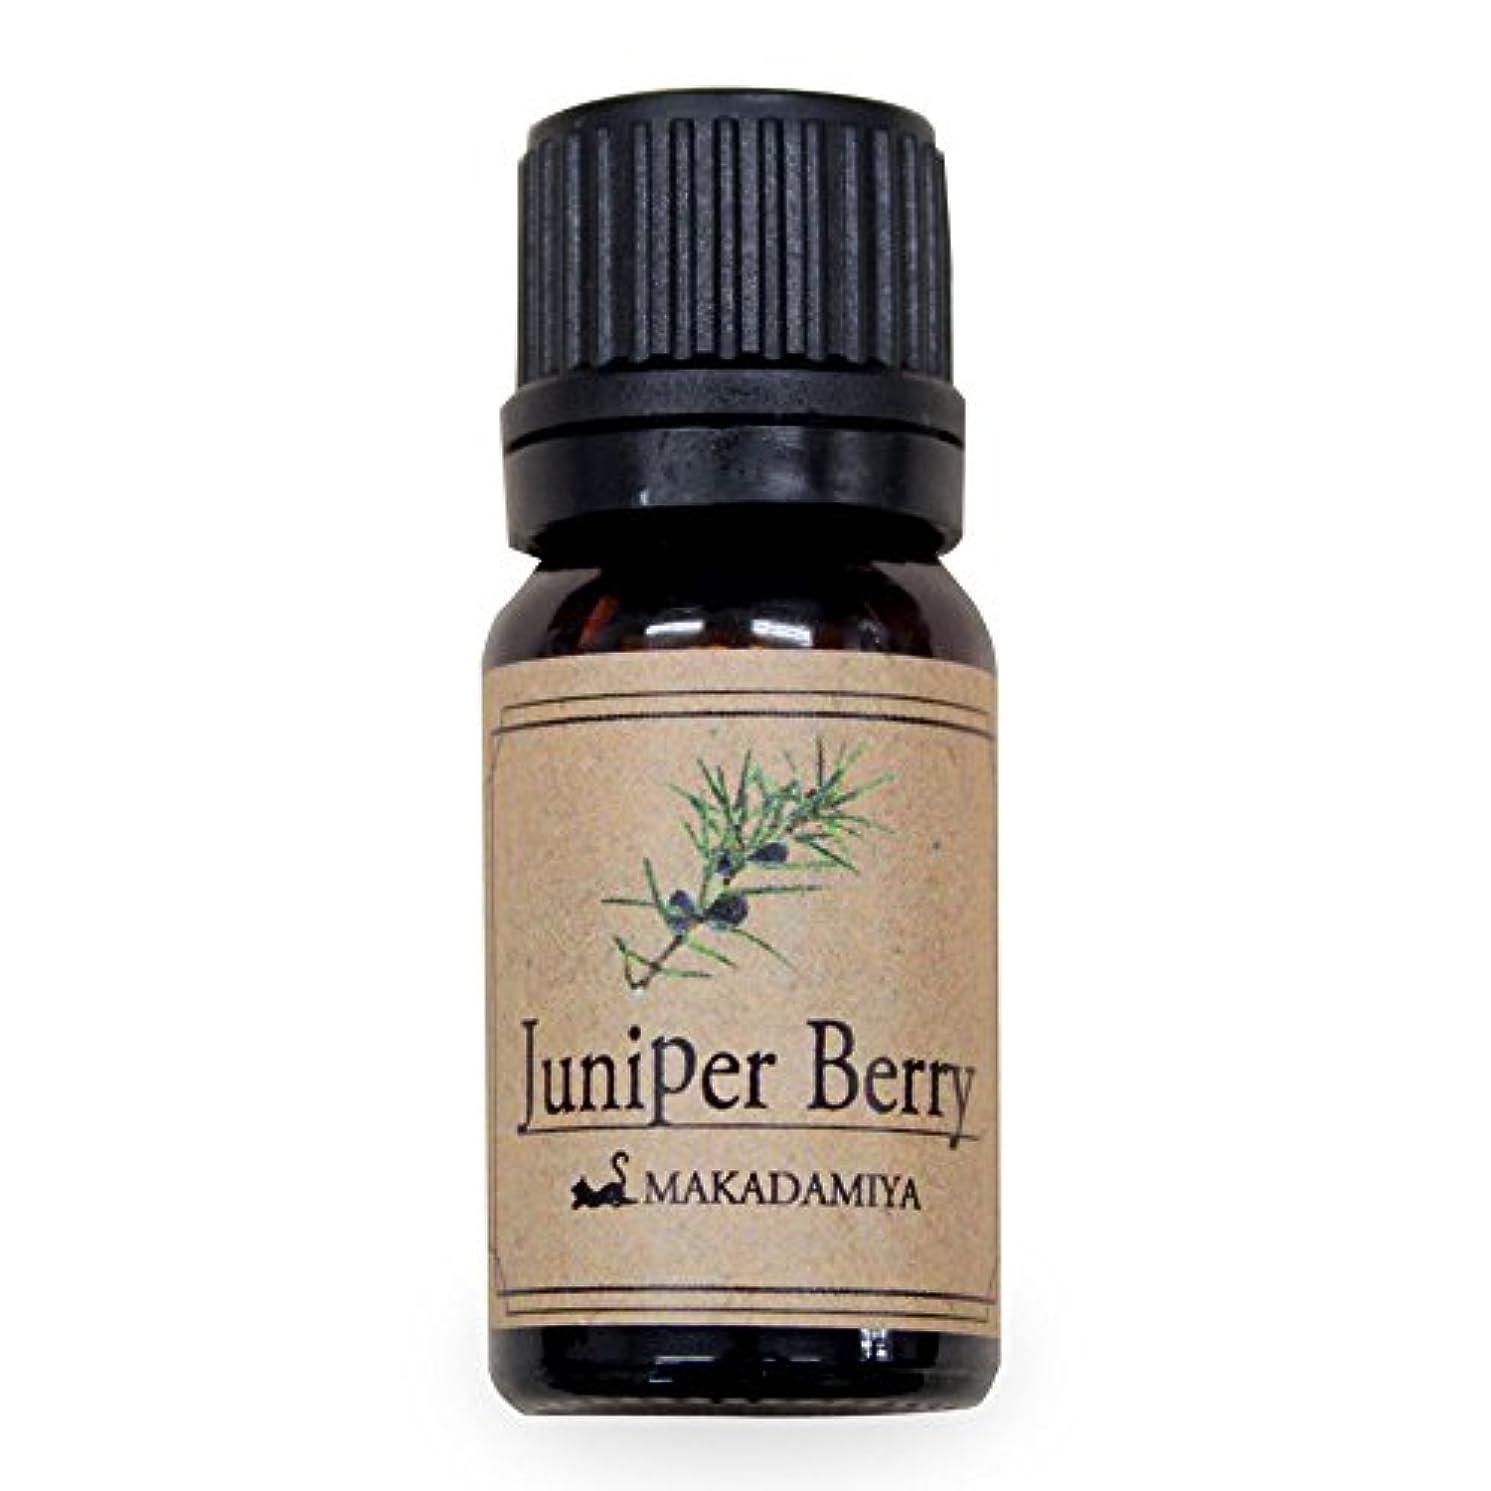 イソギンチャクまともなルーキージュニパーベリー10ml 天然100%植物性 エッセンシャルオイル(精油) アロマオイル アロママッサージ aroma Junipe Berry